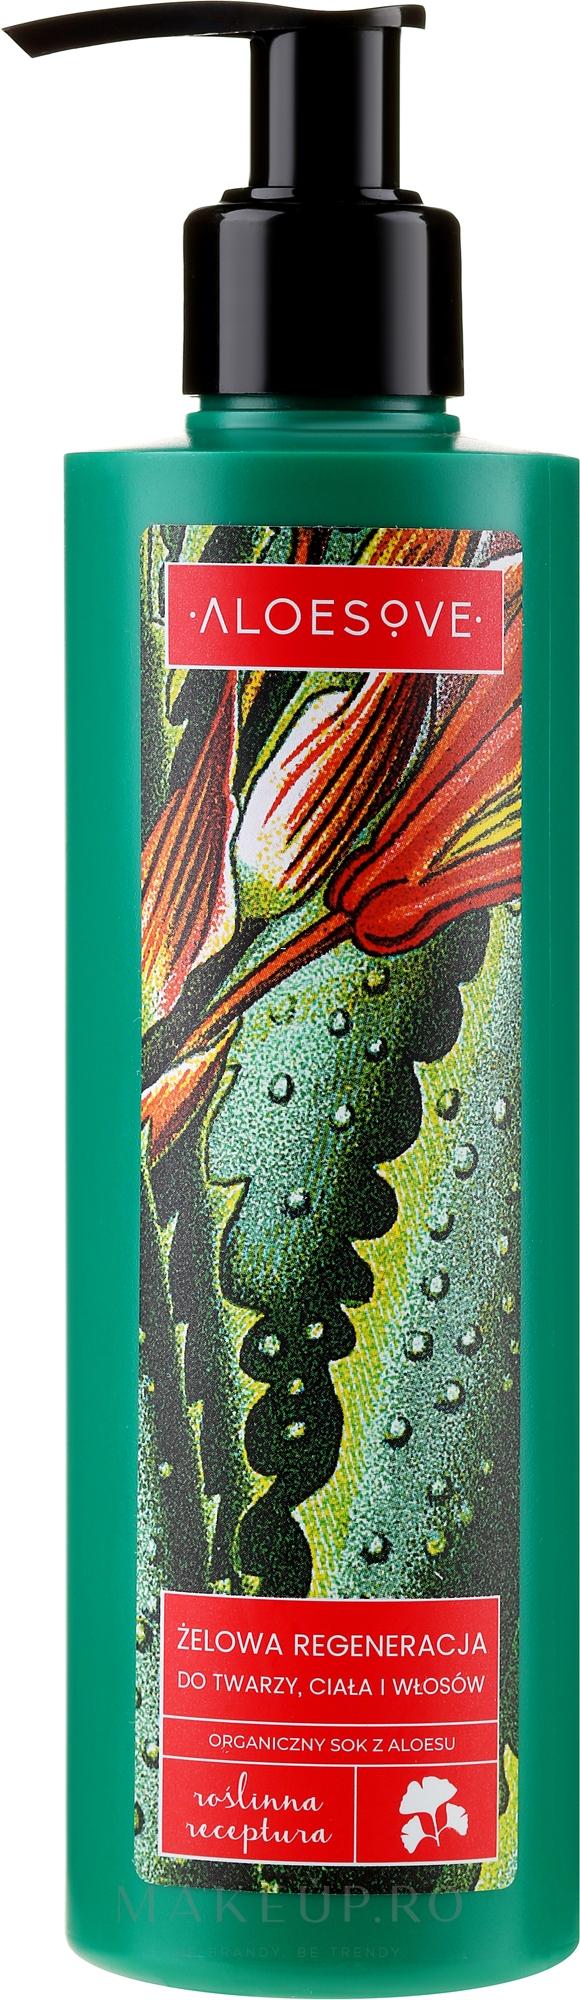 Gel cu suc organic de aloe pentru față, corp și păr - Aloesove — Imagine 250 ml